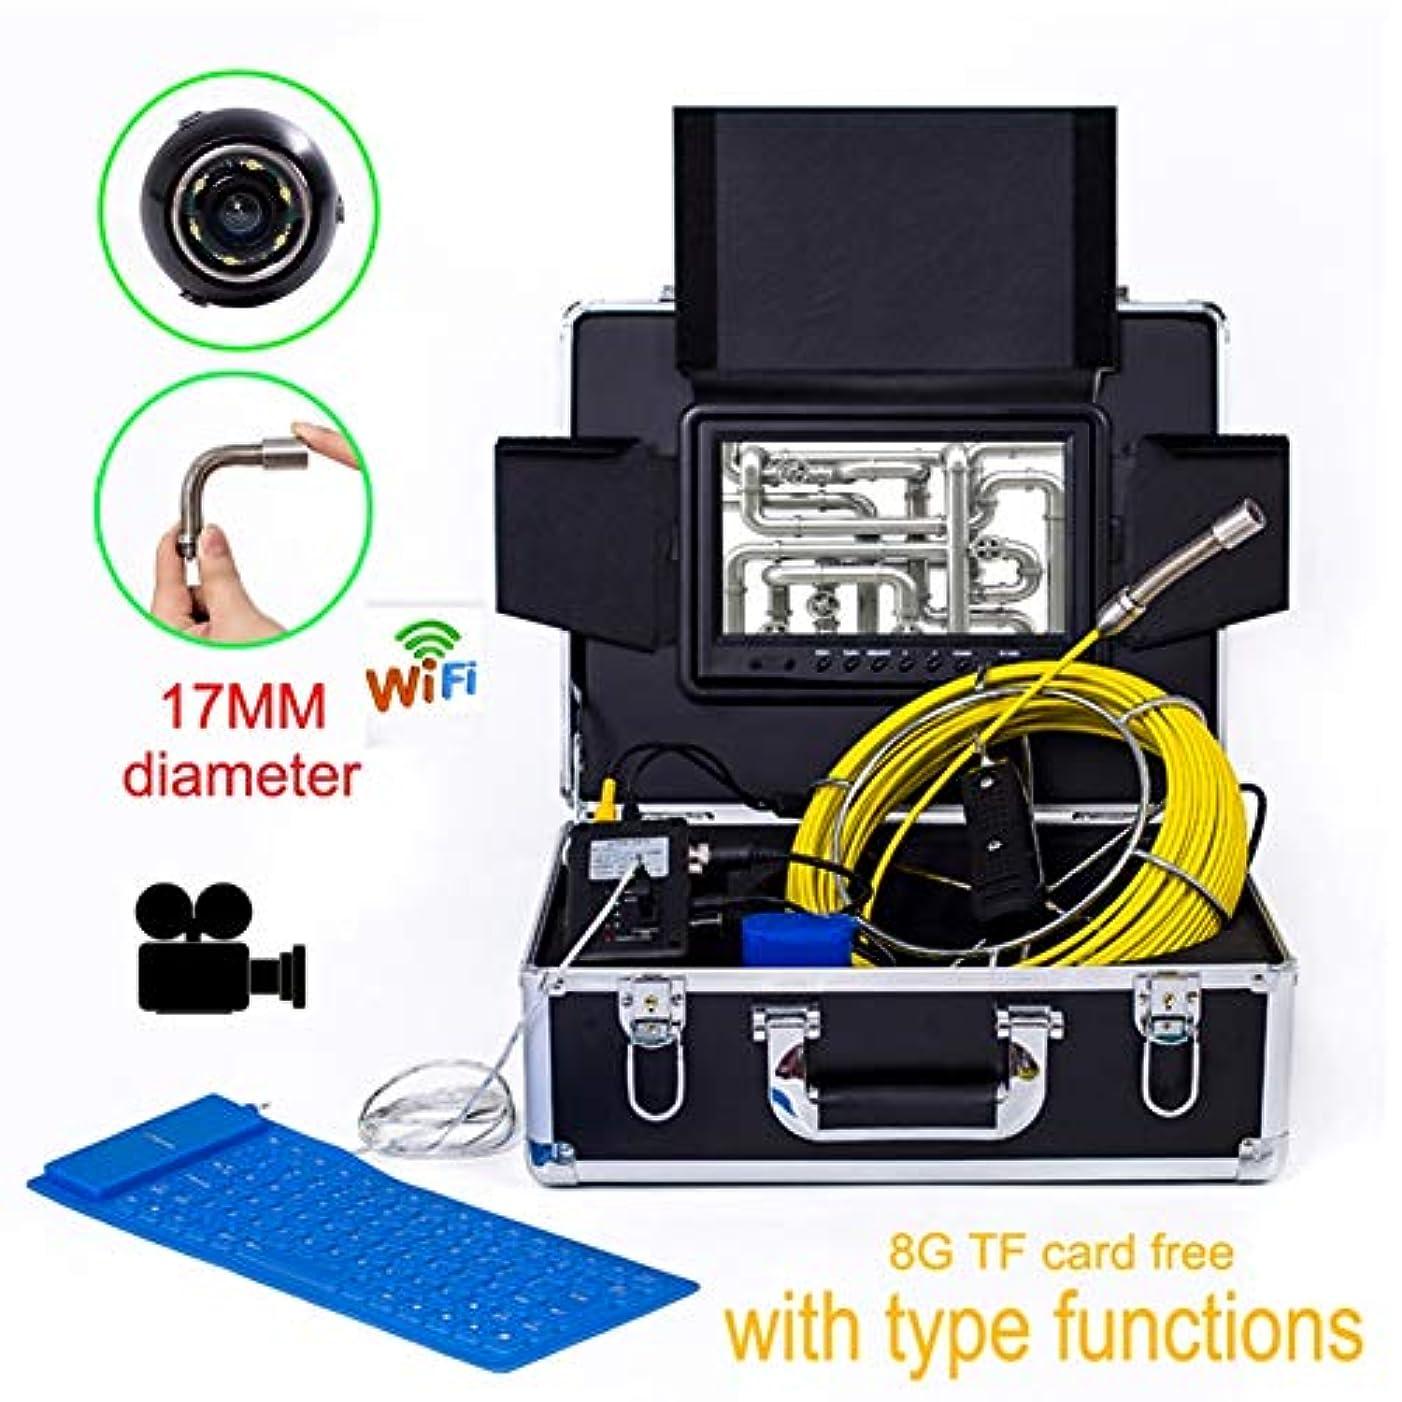 9インチWIFI 17 mm工業用パイプライン下水道検知カメラIP68防水排水検知1000 TVLカメラ(30 M)